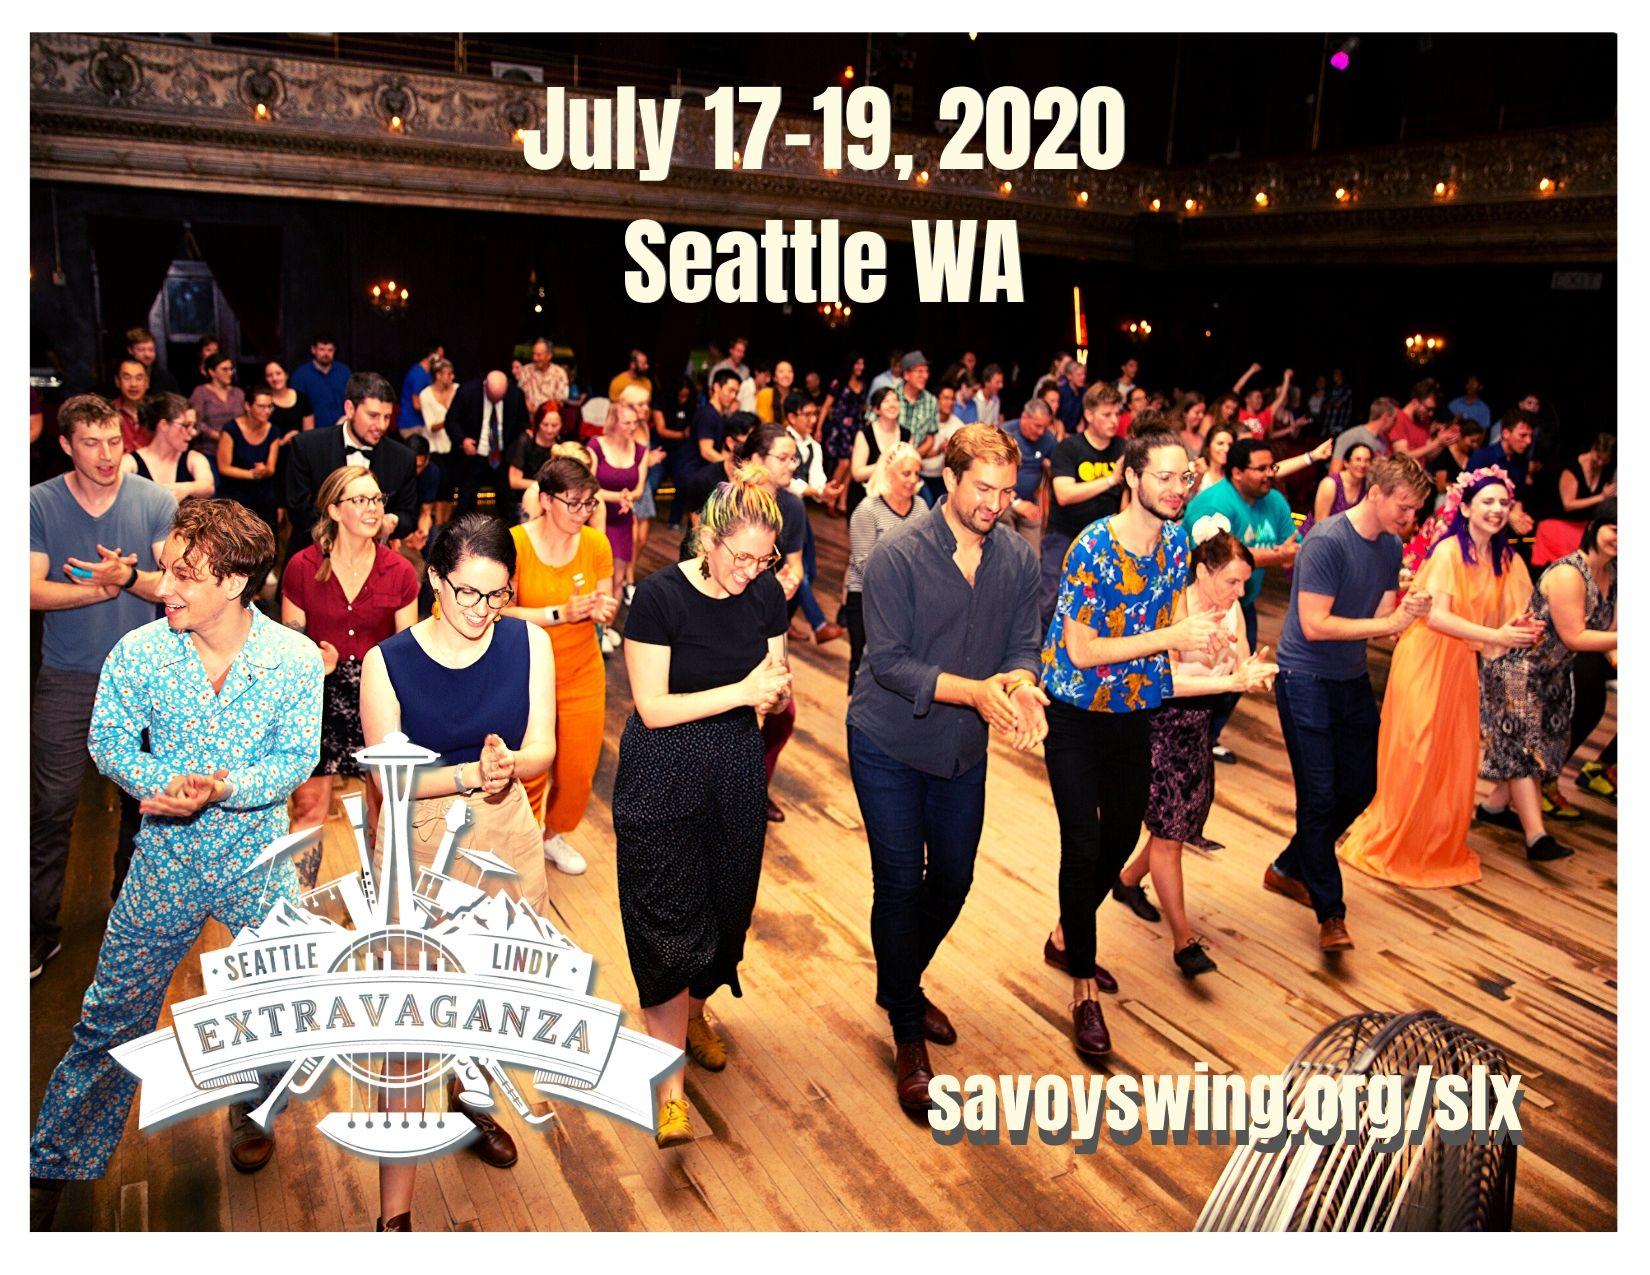 Seattle Lindy Extravaganza 2020 - July 17-29, Seattle WA